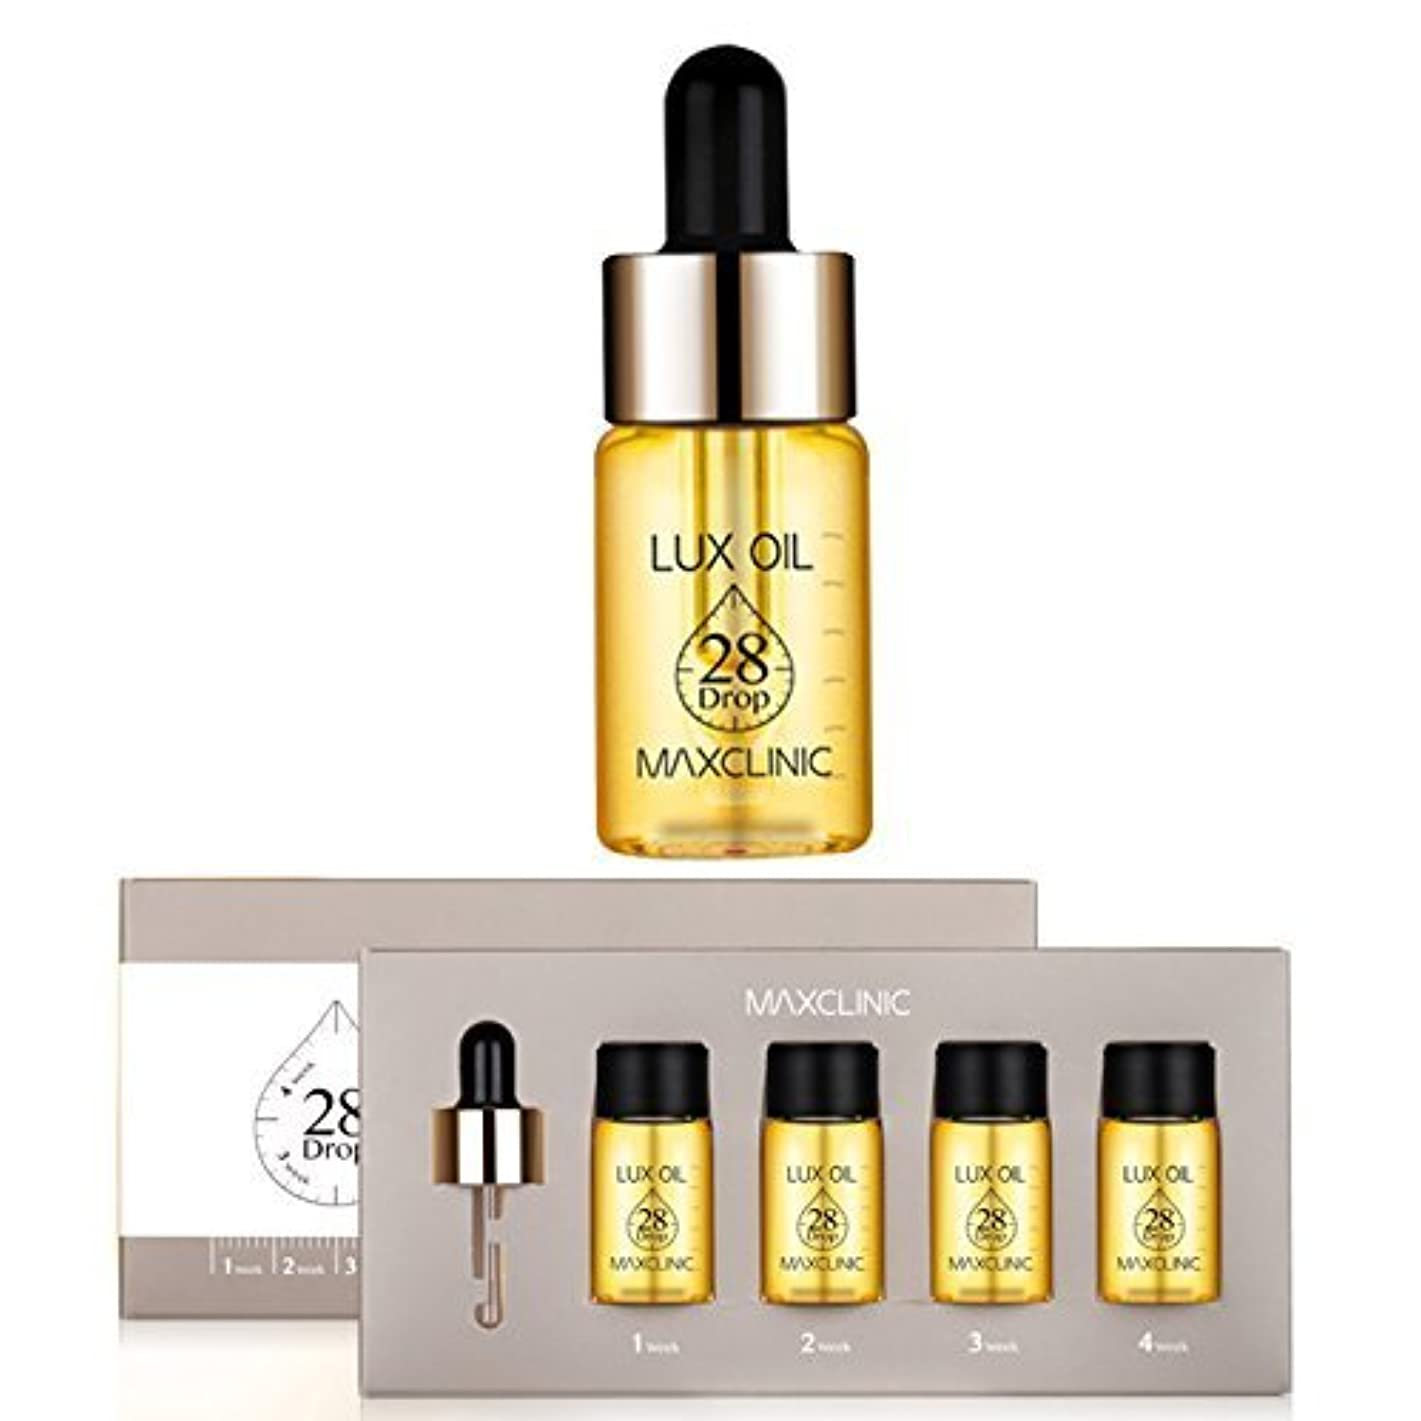 バス入札ロータリーマックスクリニック[韓国コスメMaxclinic]Lux Oil 28 Drop,Luxury spa oil ampoules ラックスオイル28ドロップ、ラグジュアリースパオイルアンプル10mlX4個 [並行輸入品]